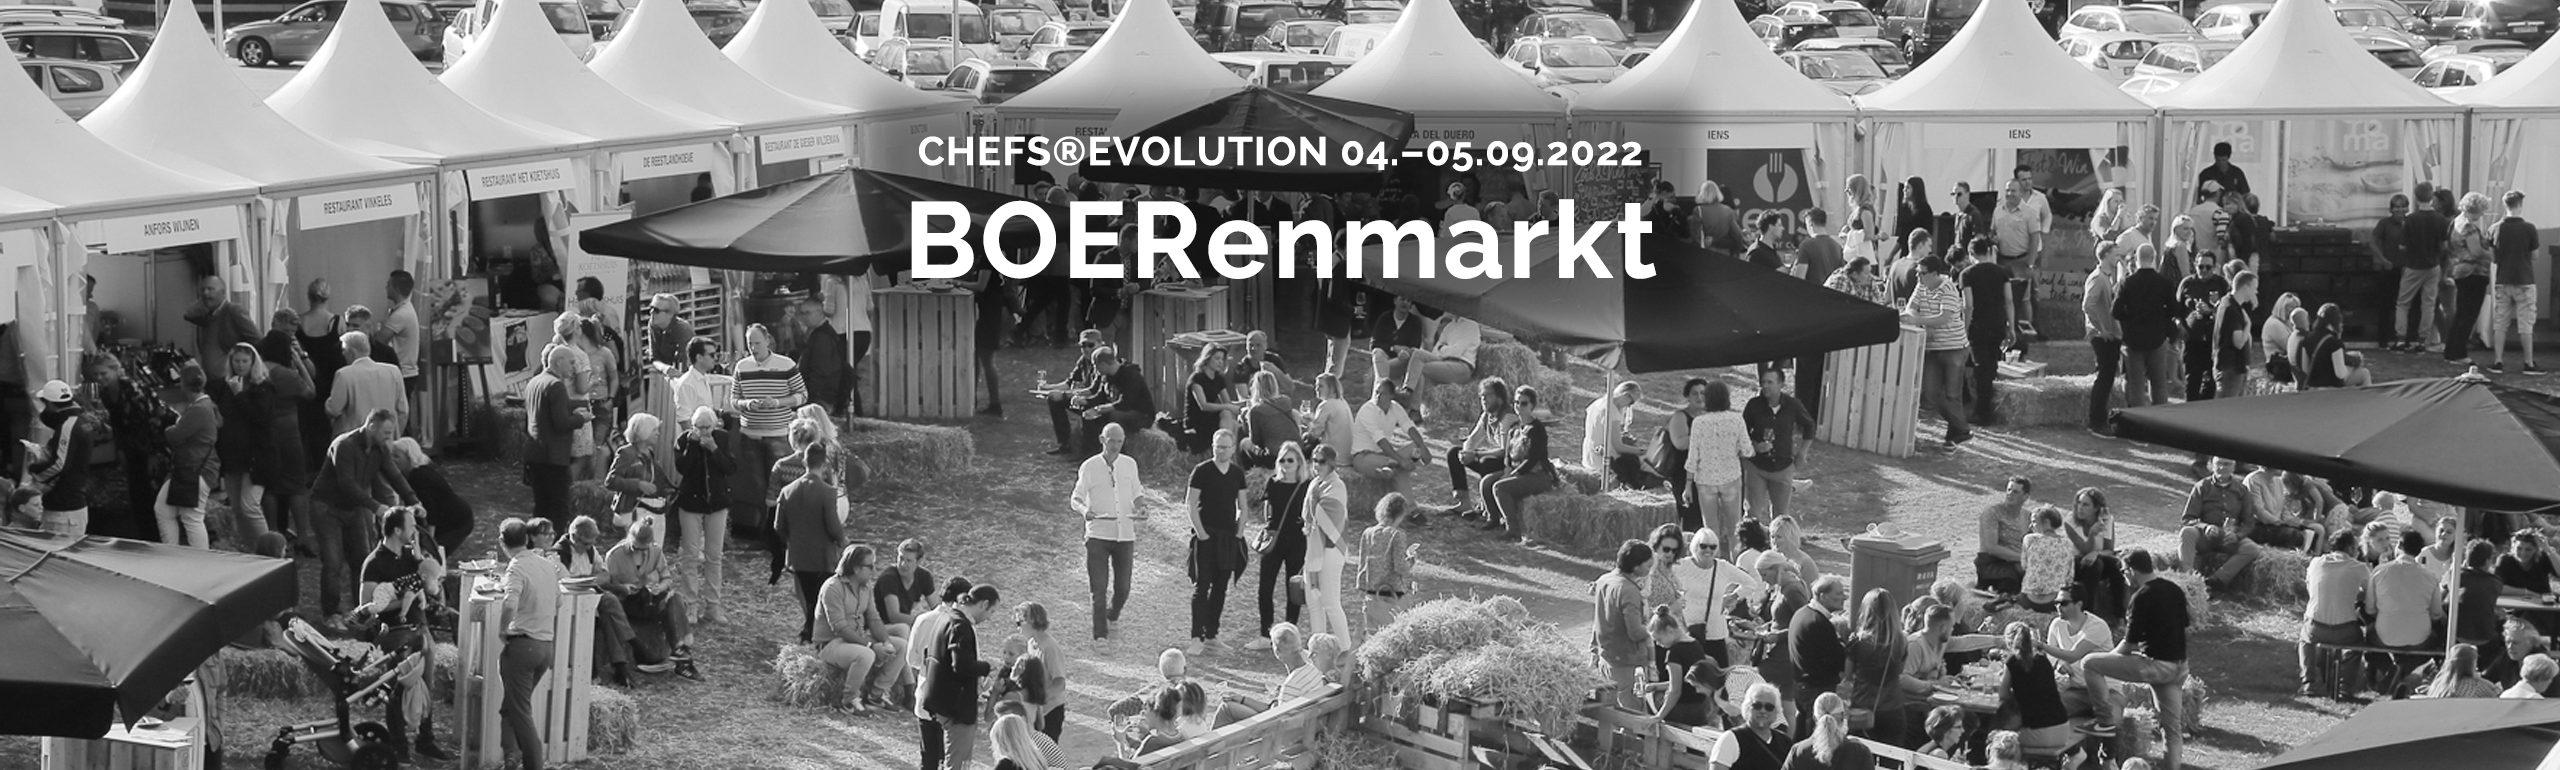 BOERenmarkt XL